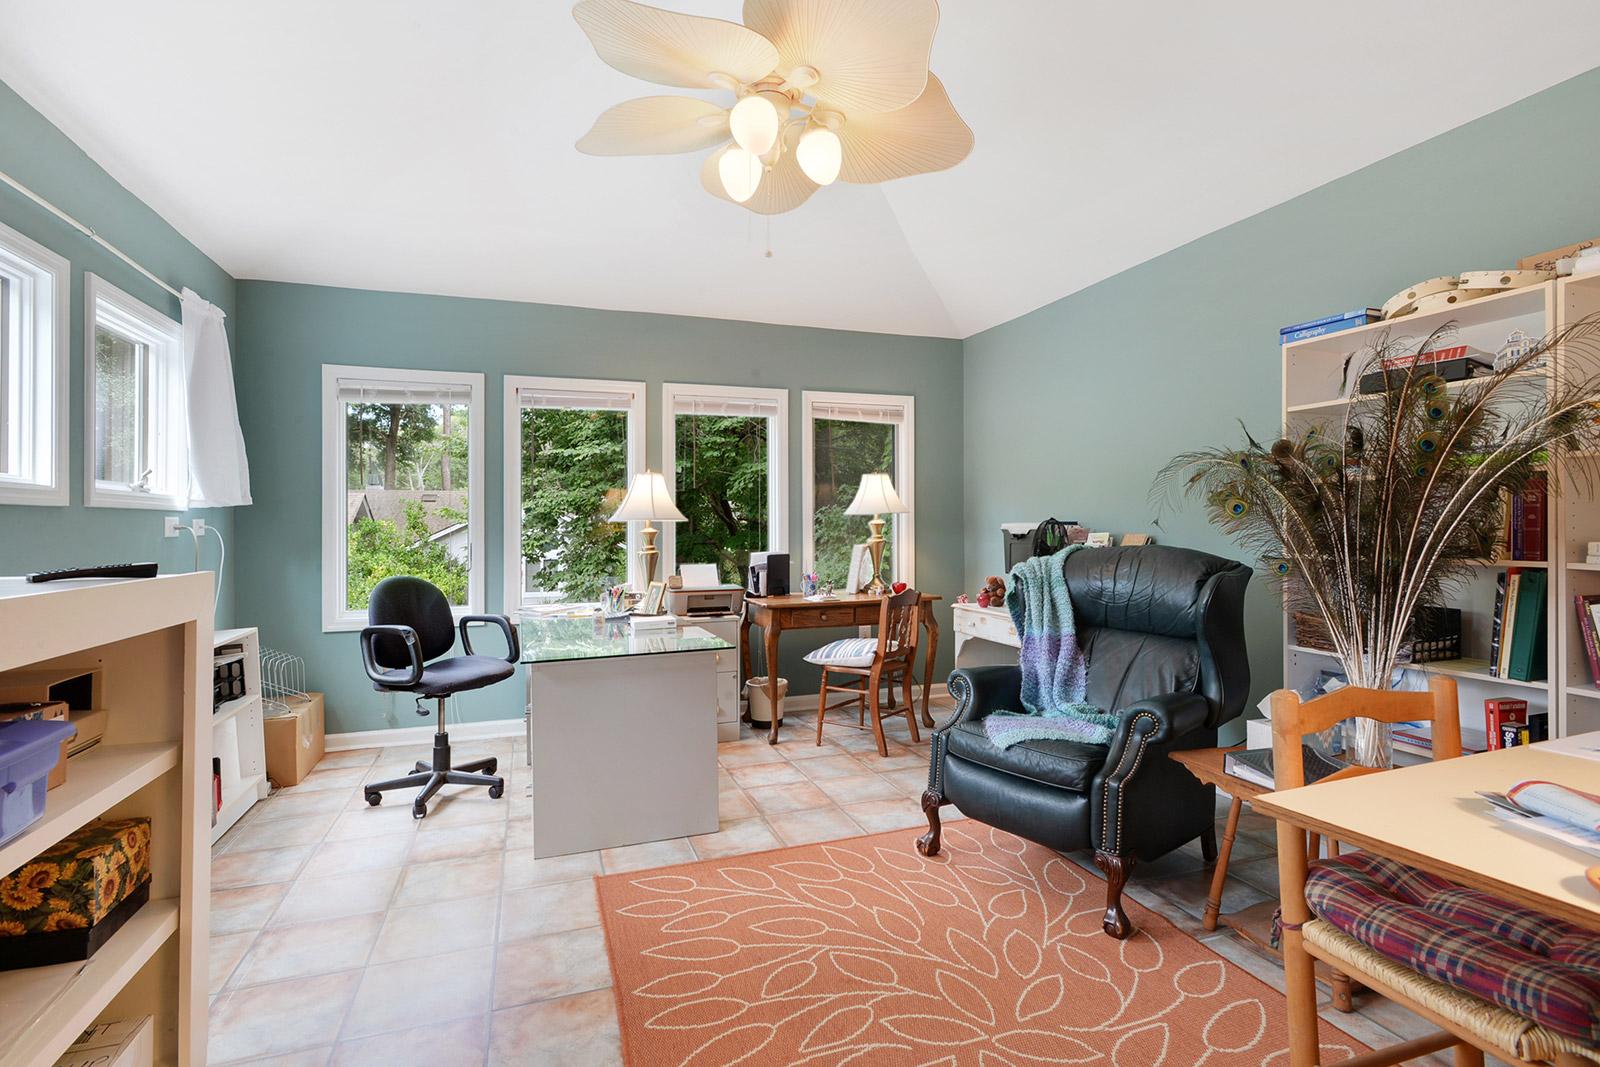 625 S Reeve Rd Bonus Room